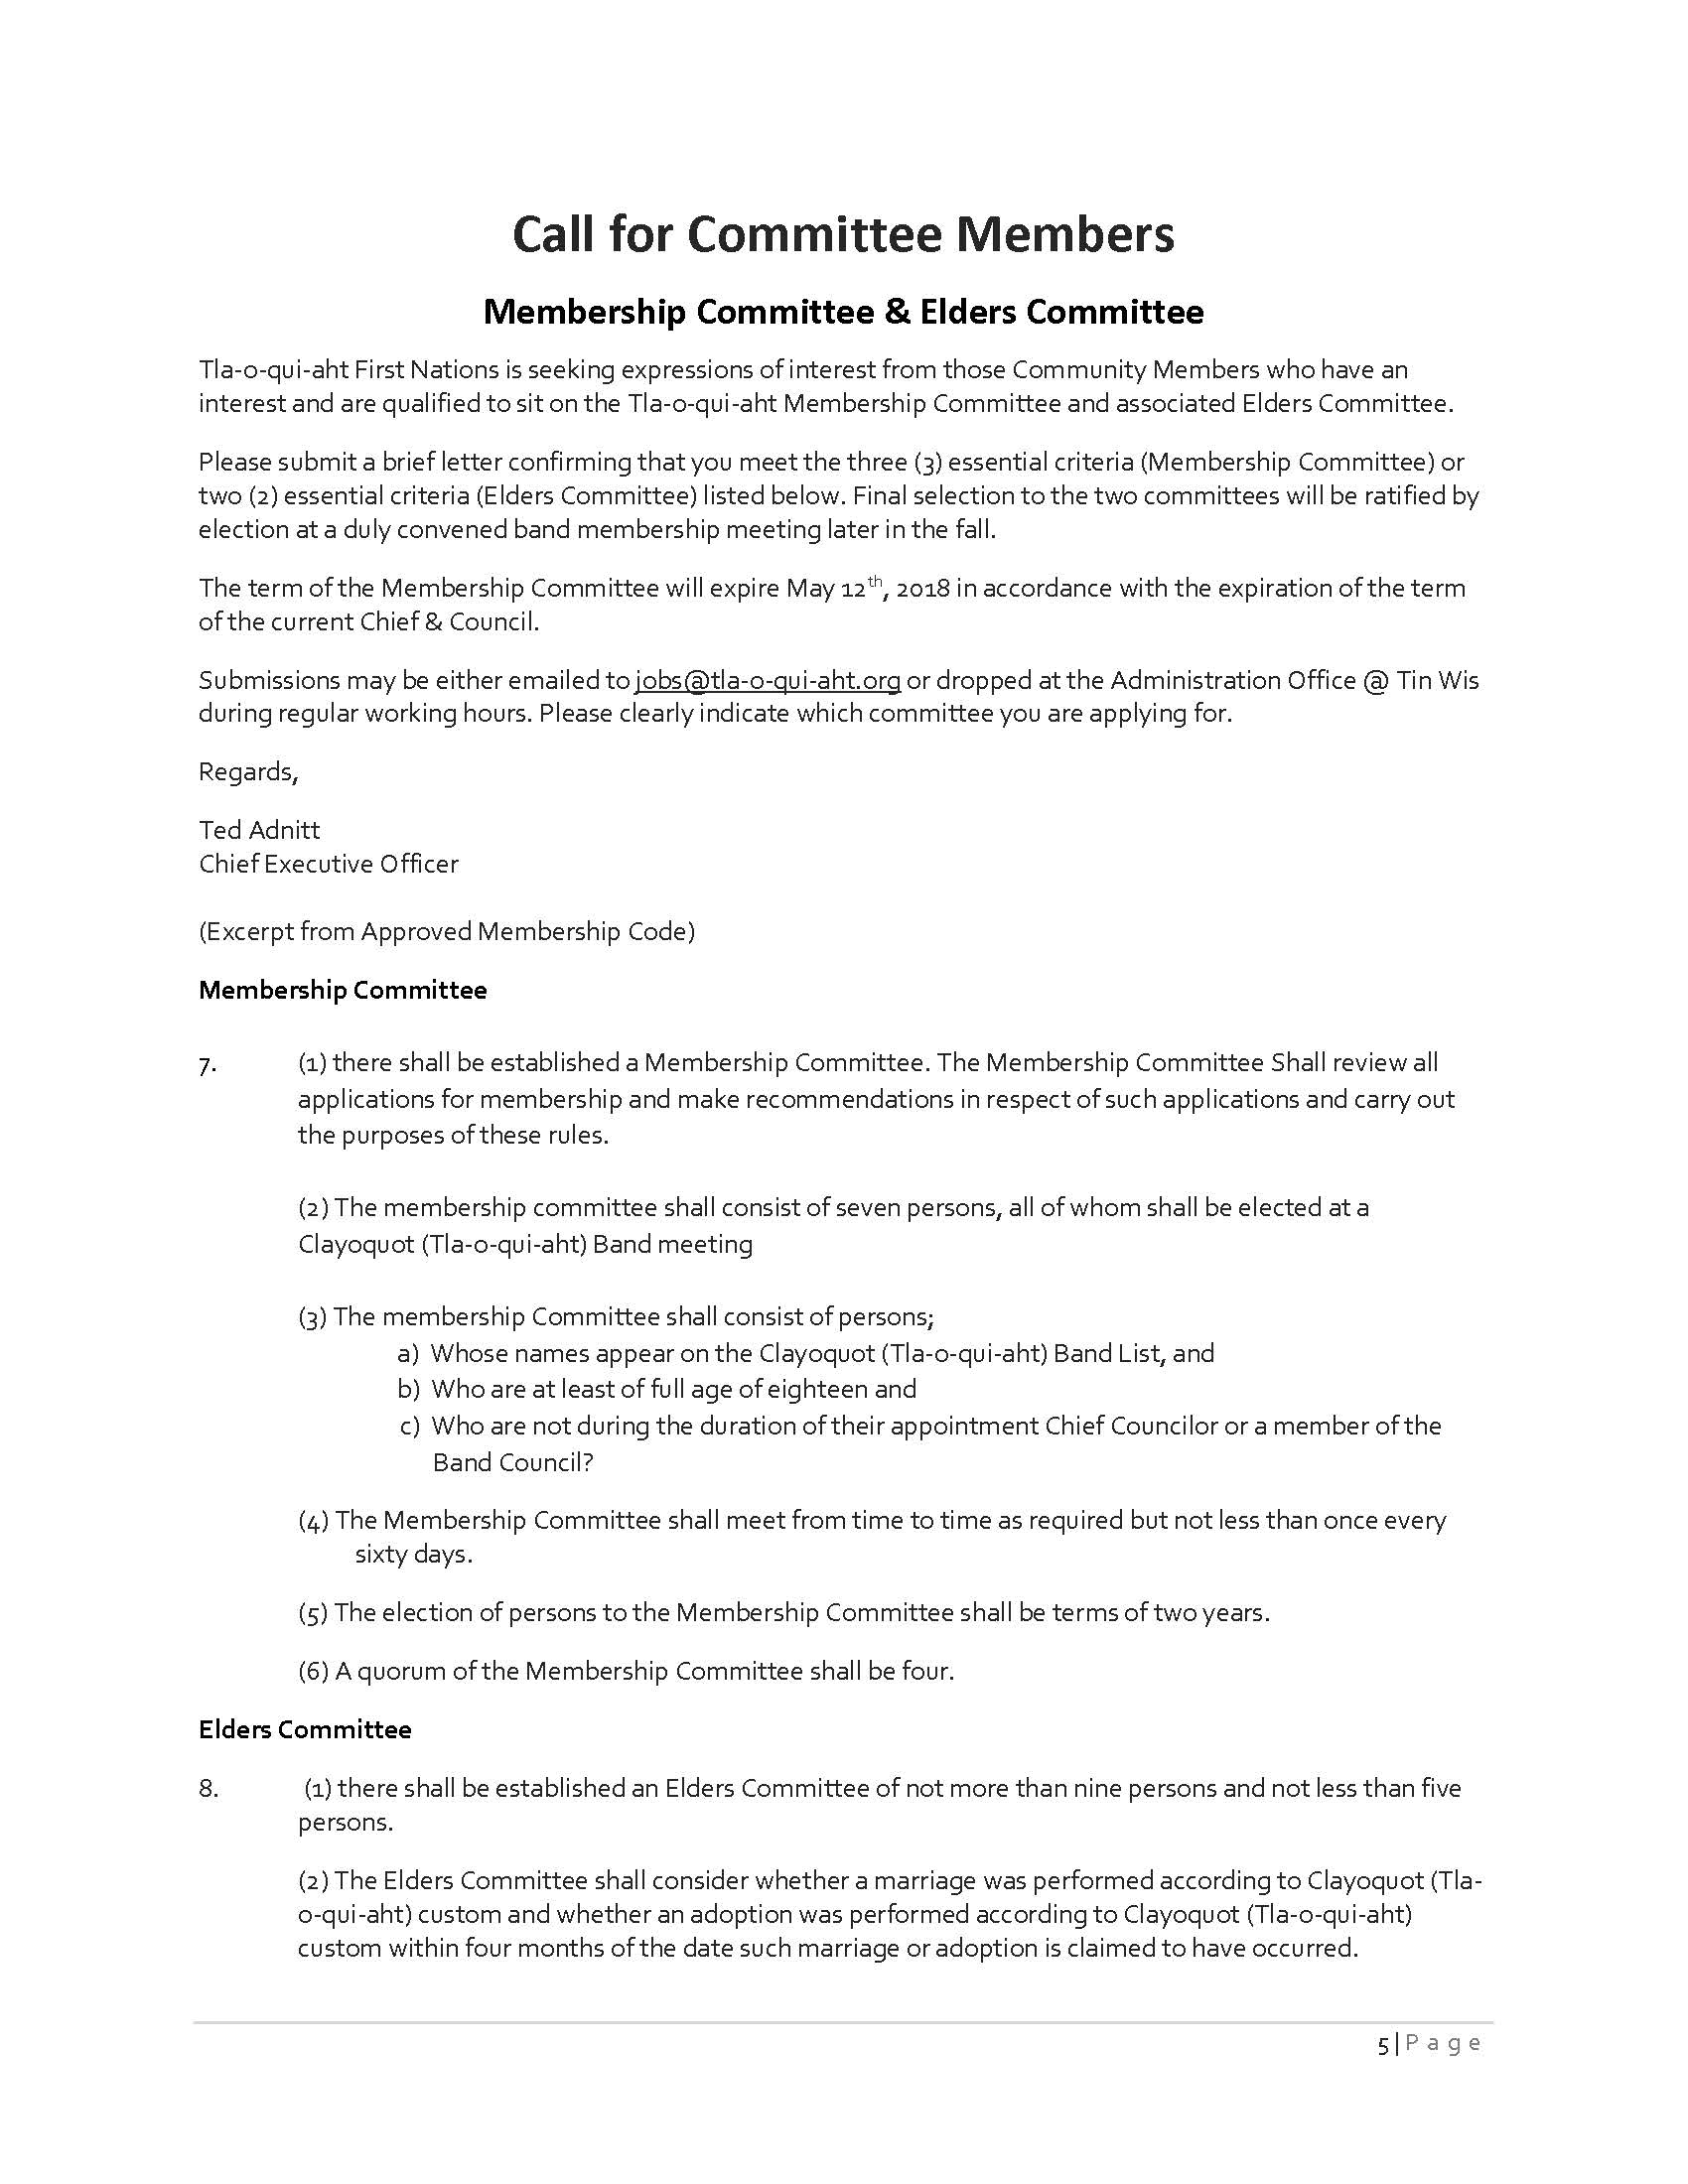 TFN Bulletin Dec 01 2016 (3)_Page_05.jpg